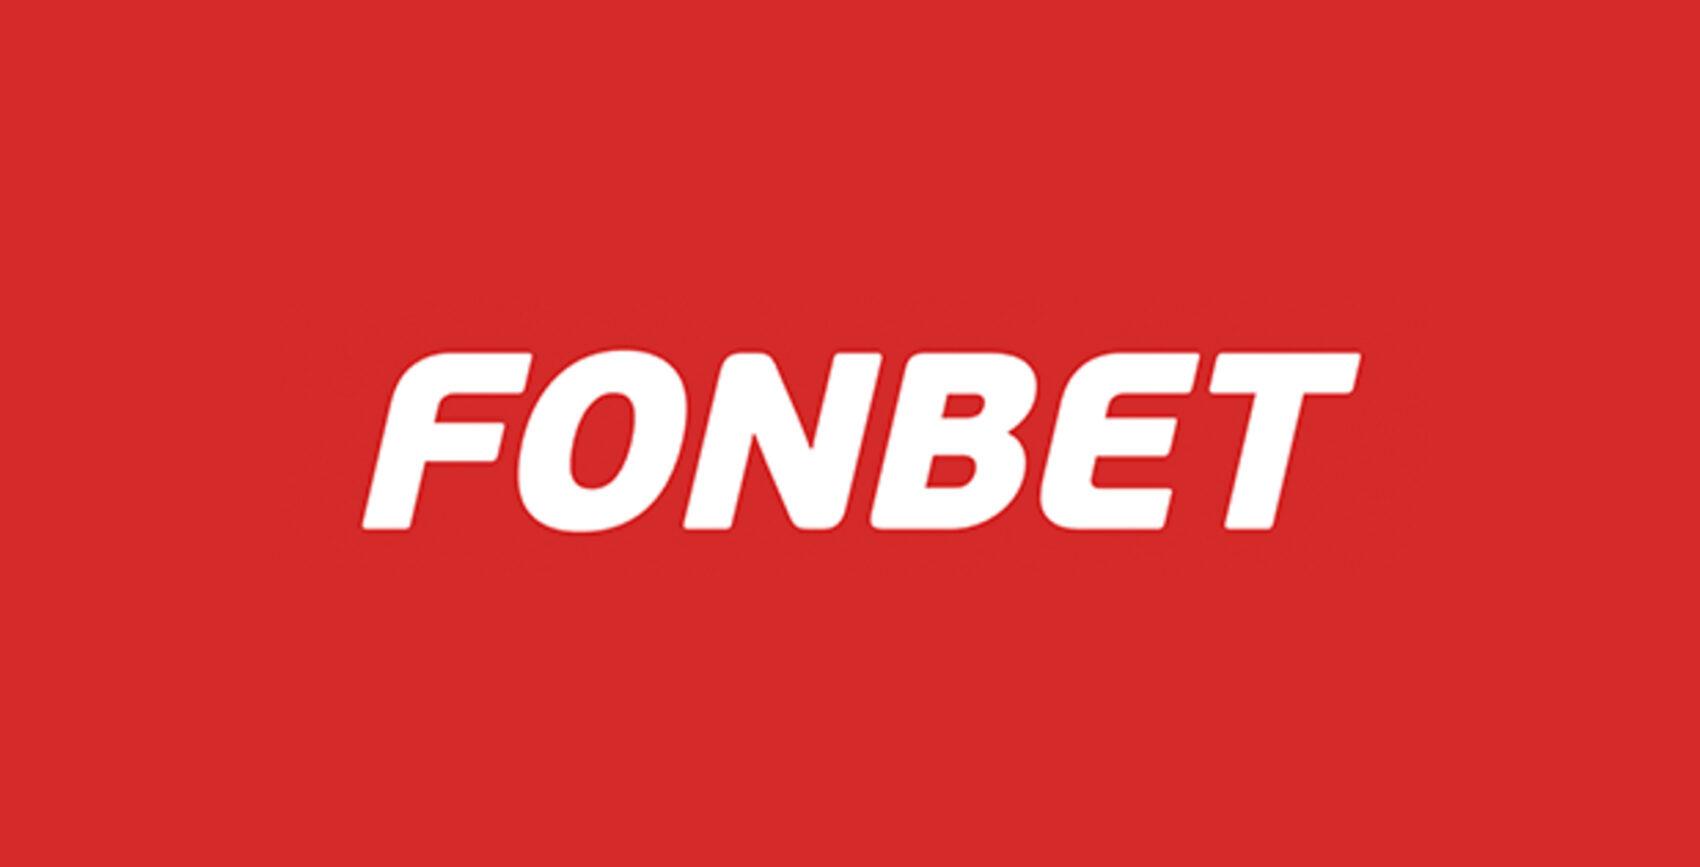 fonbet cyp freebets bonus